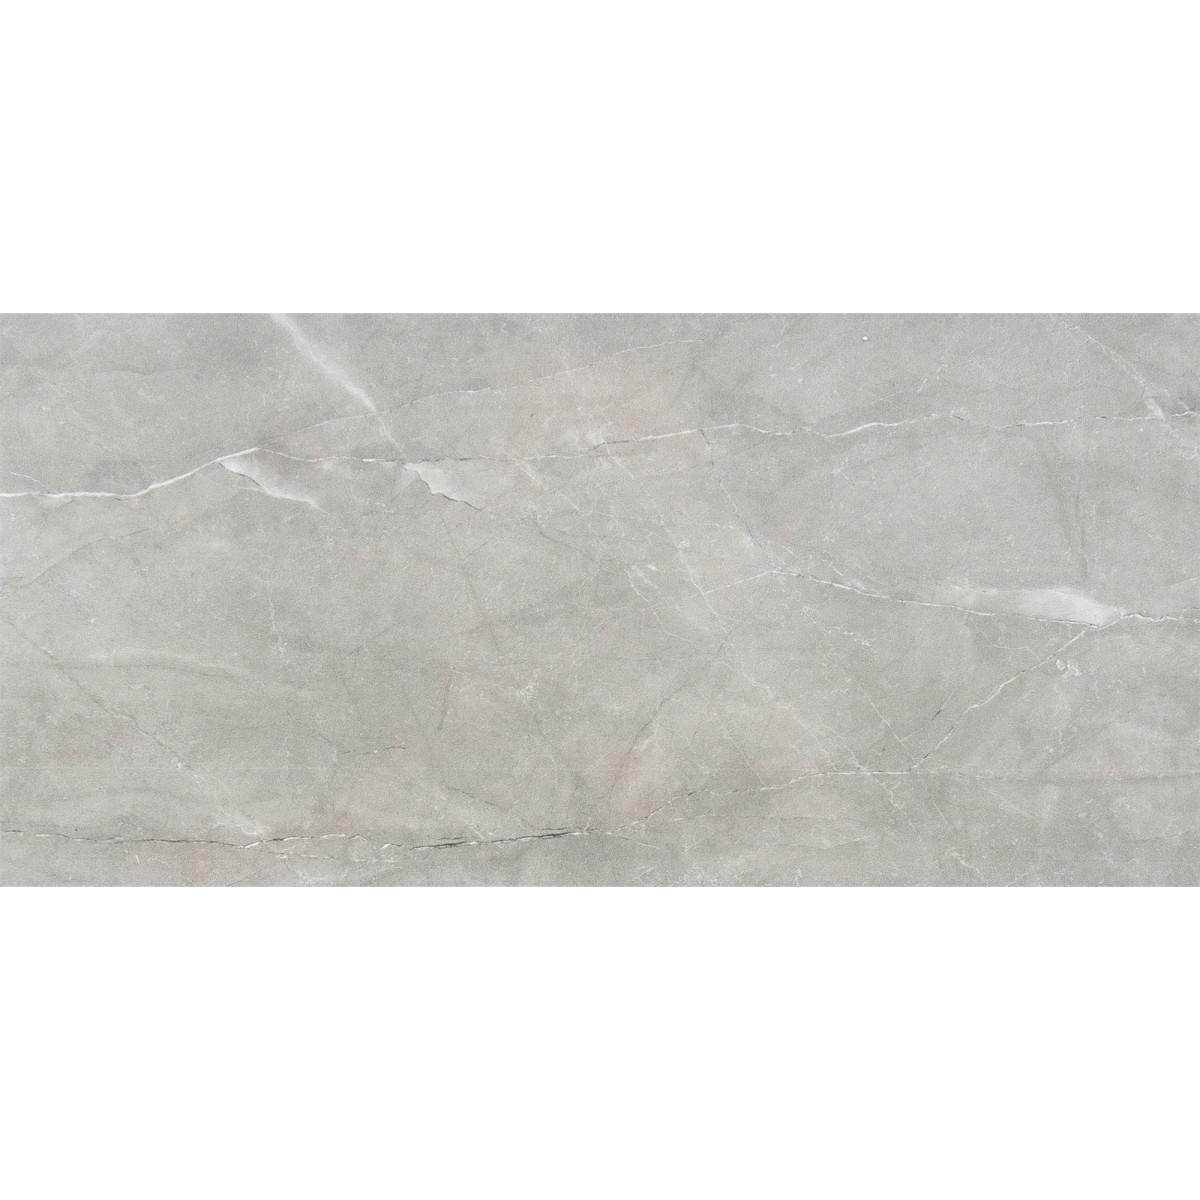 Плитка настенная Savoy 20х40 см 1.2 м² цвет темно-серый